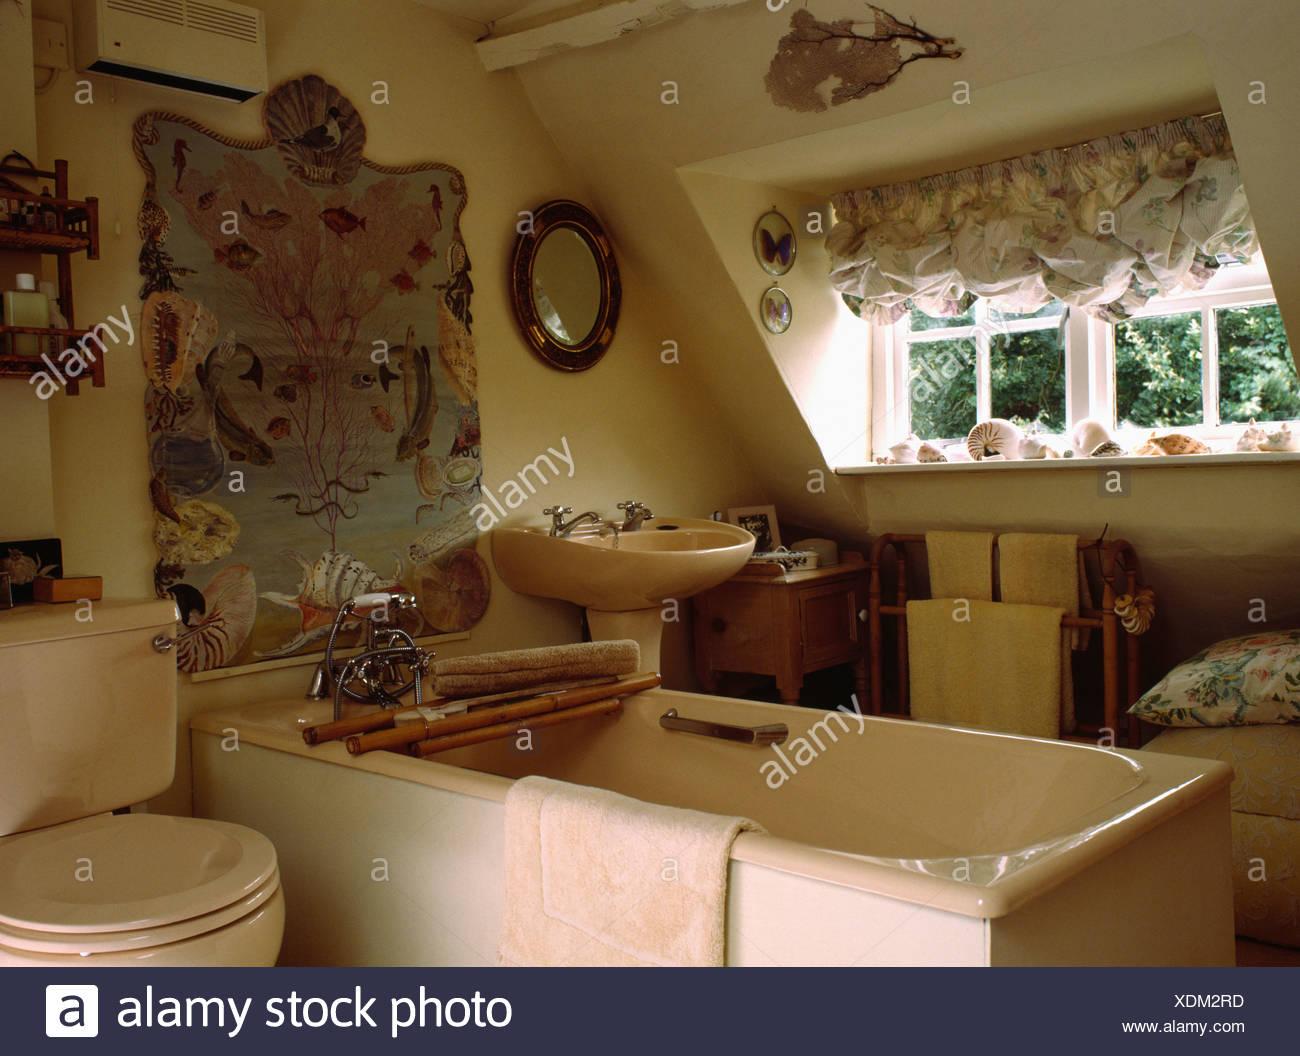 Baignoire rose et toilettes dans salle de bains mansardée avec ...